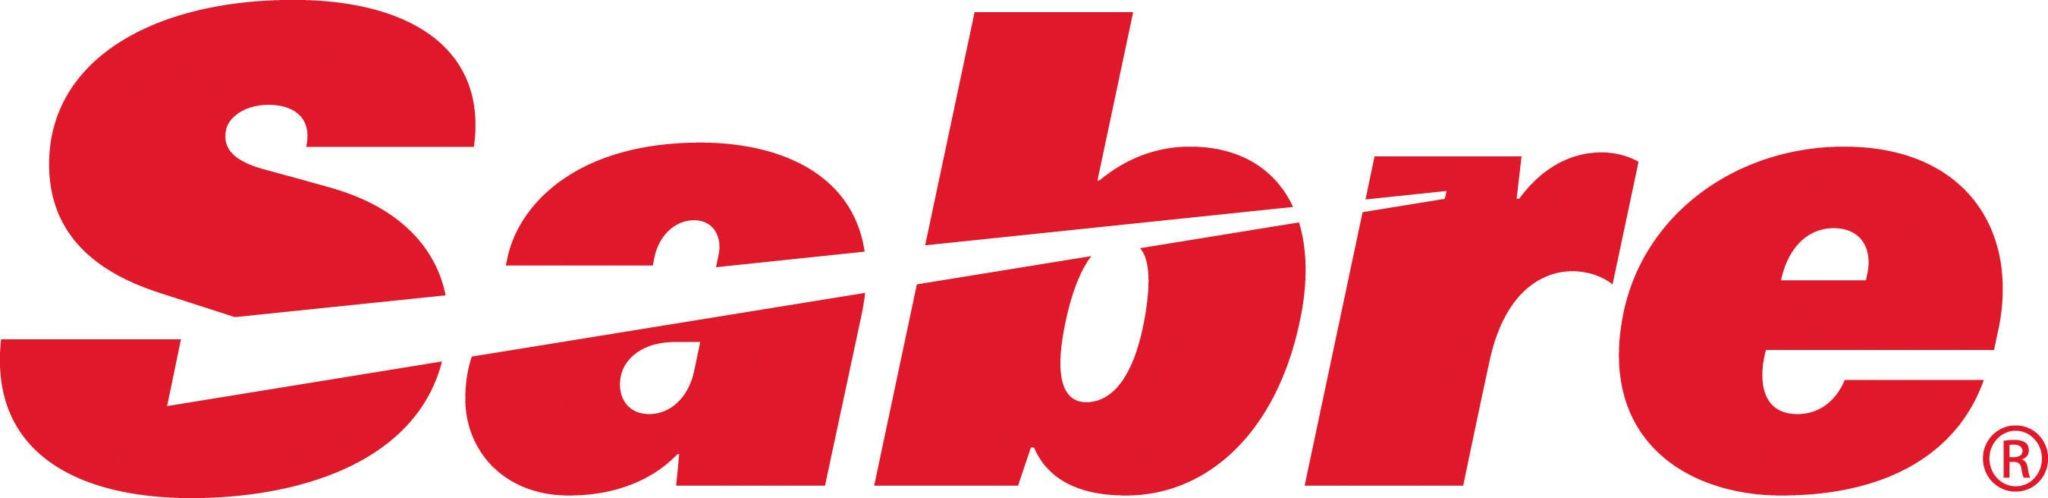 Логотип системы бронирования Sabre